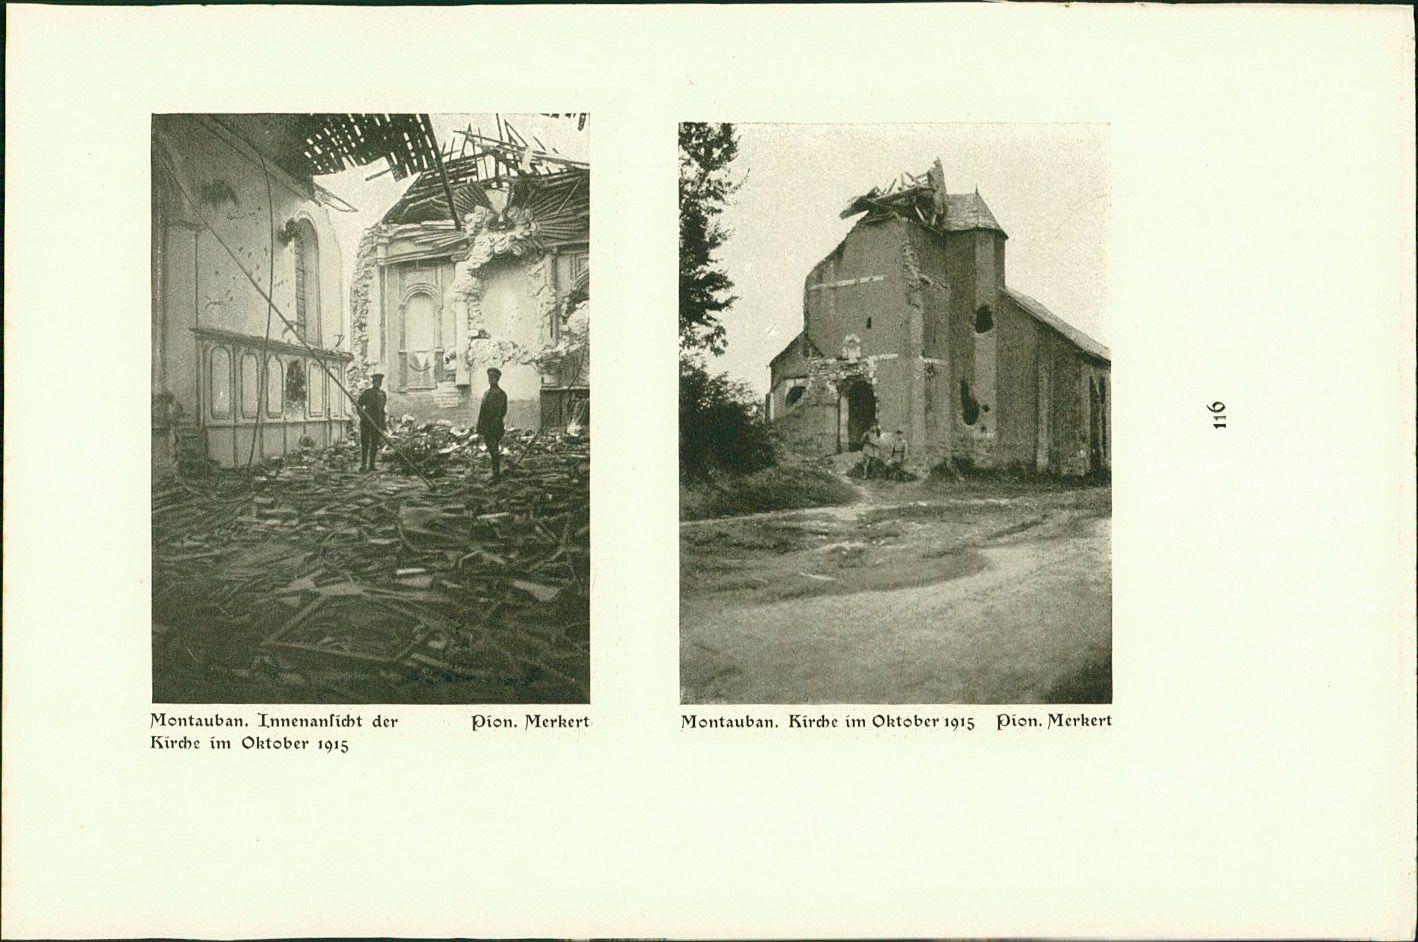 Montauban : Kirche Oktober 1915 und Innenansicht. Monchy-au Bois : Winter 1915-1916. Musk. Brombach, Pion. Merkert. Stereotyp-Druck nach Photographien der Angehörigen des Reservekorps.